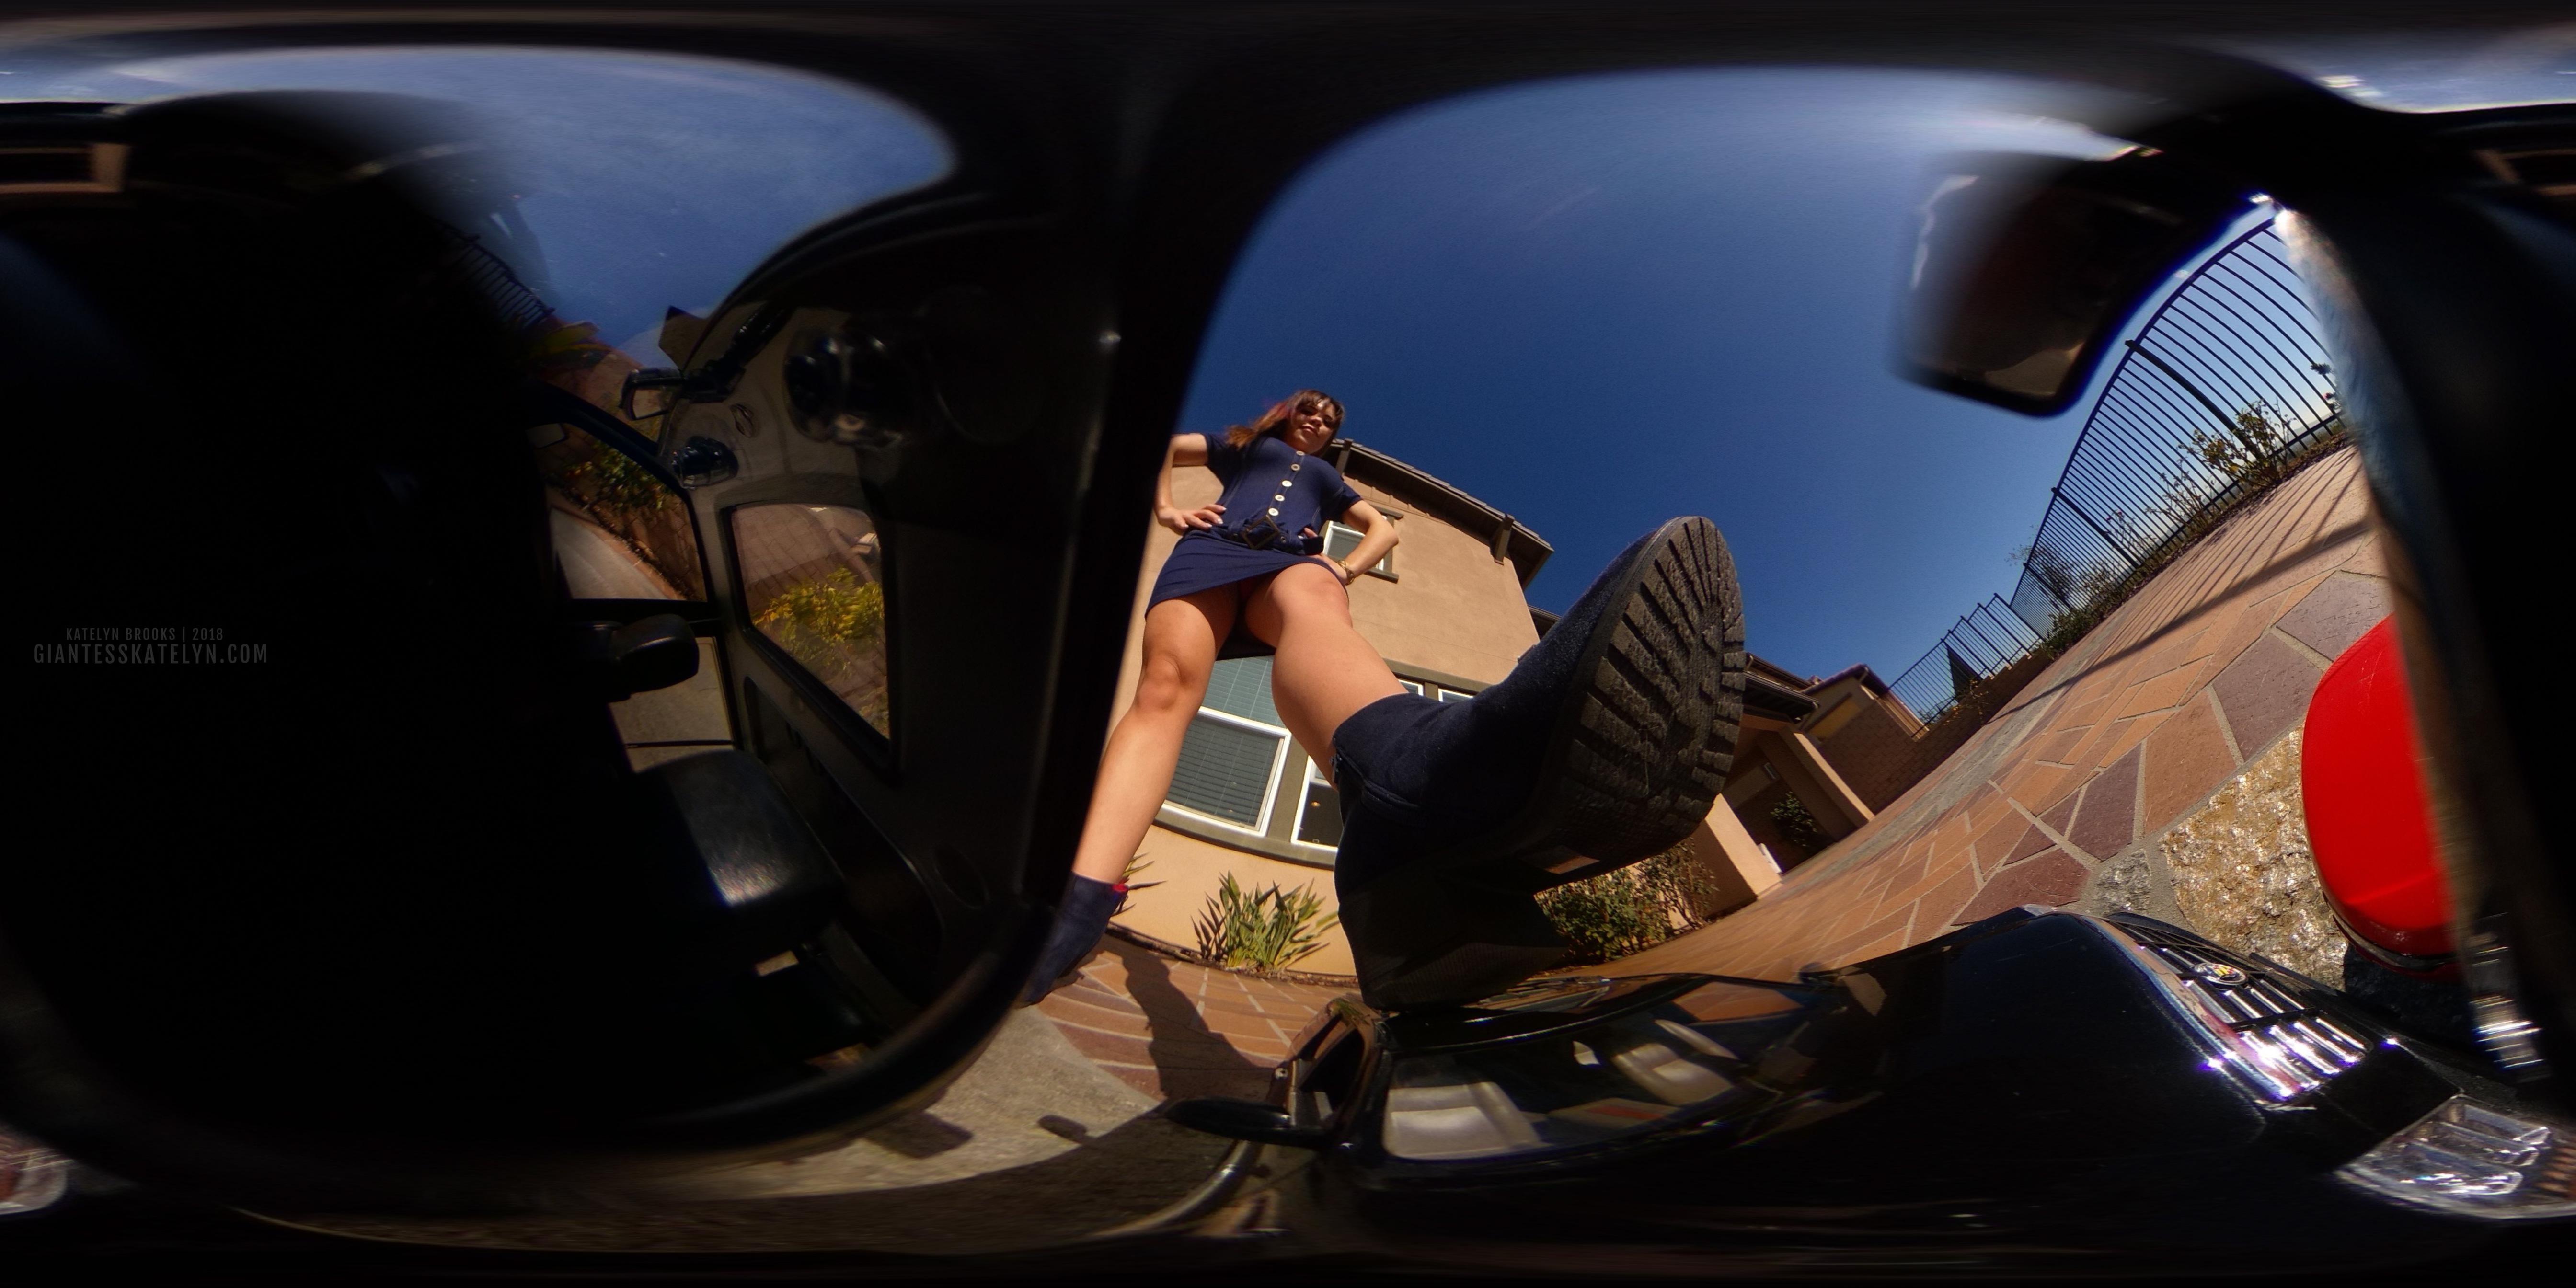 360-4k-vr-shrunken-man-pov-inside-car-10